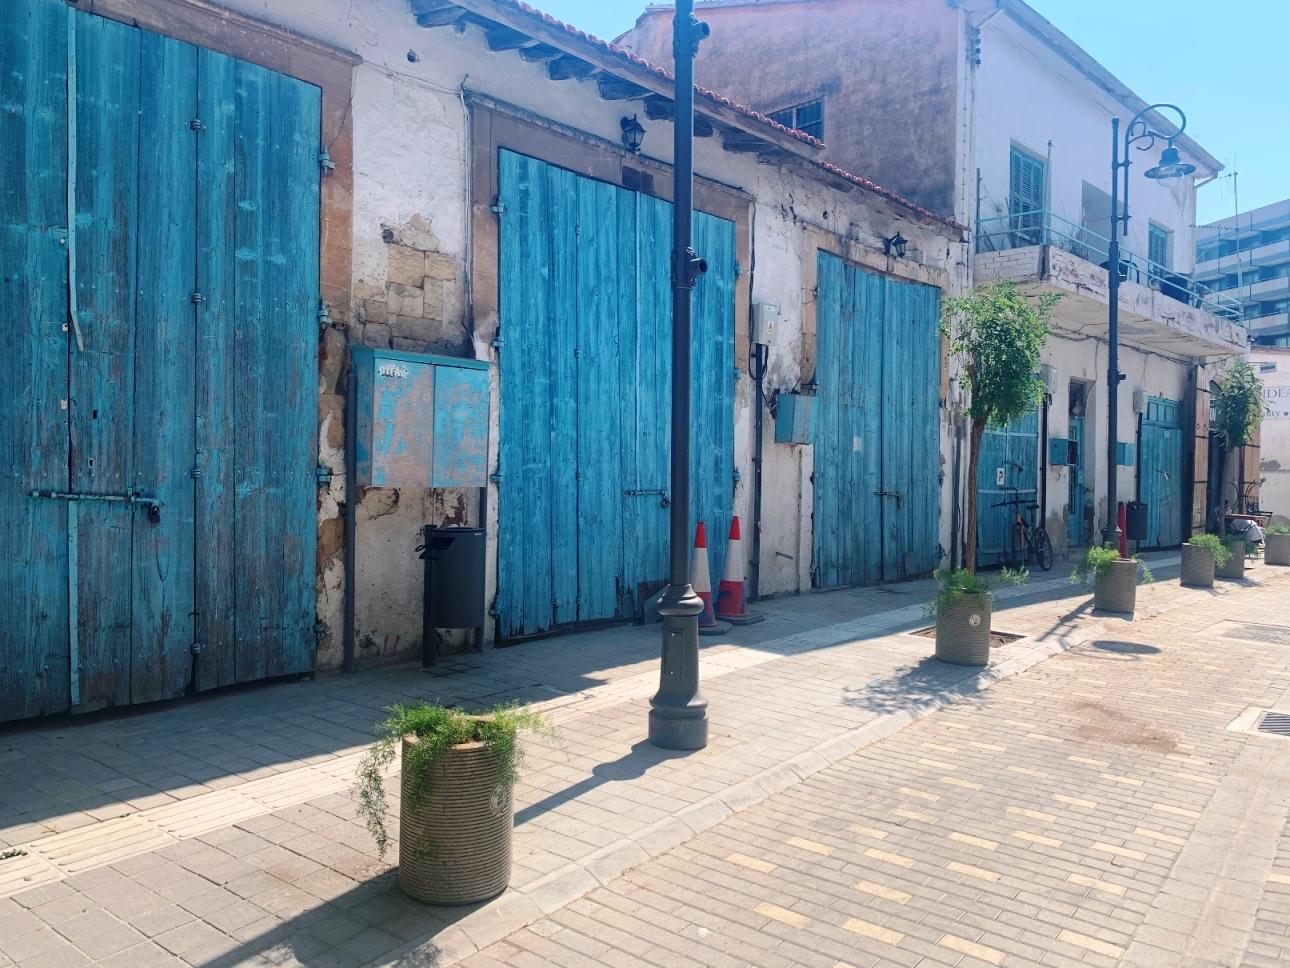 Στο τελικό στάδιο το «νέο», σύγχρονο κέντρο της Λάρνακας